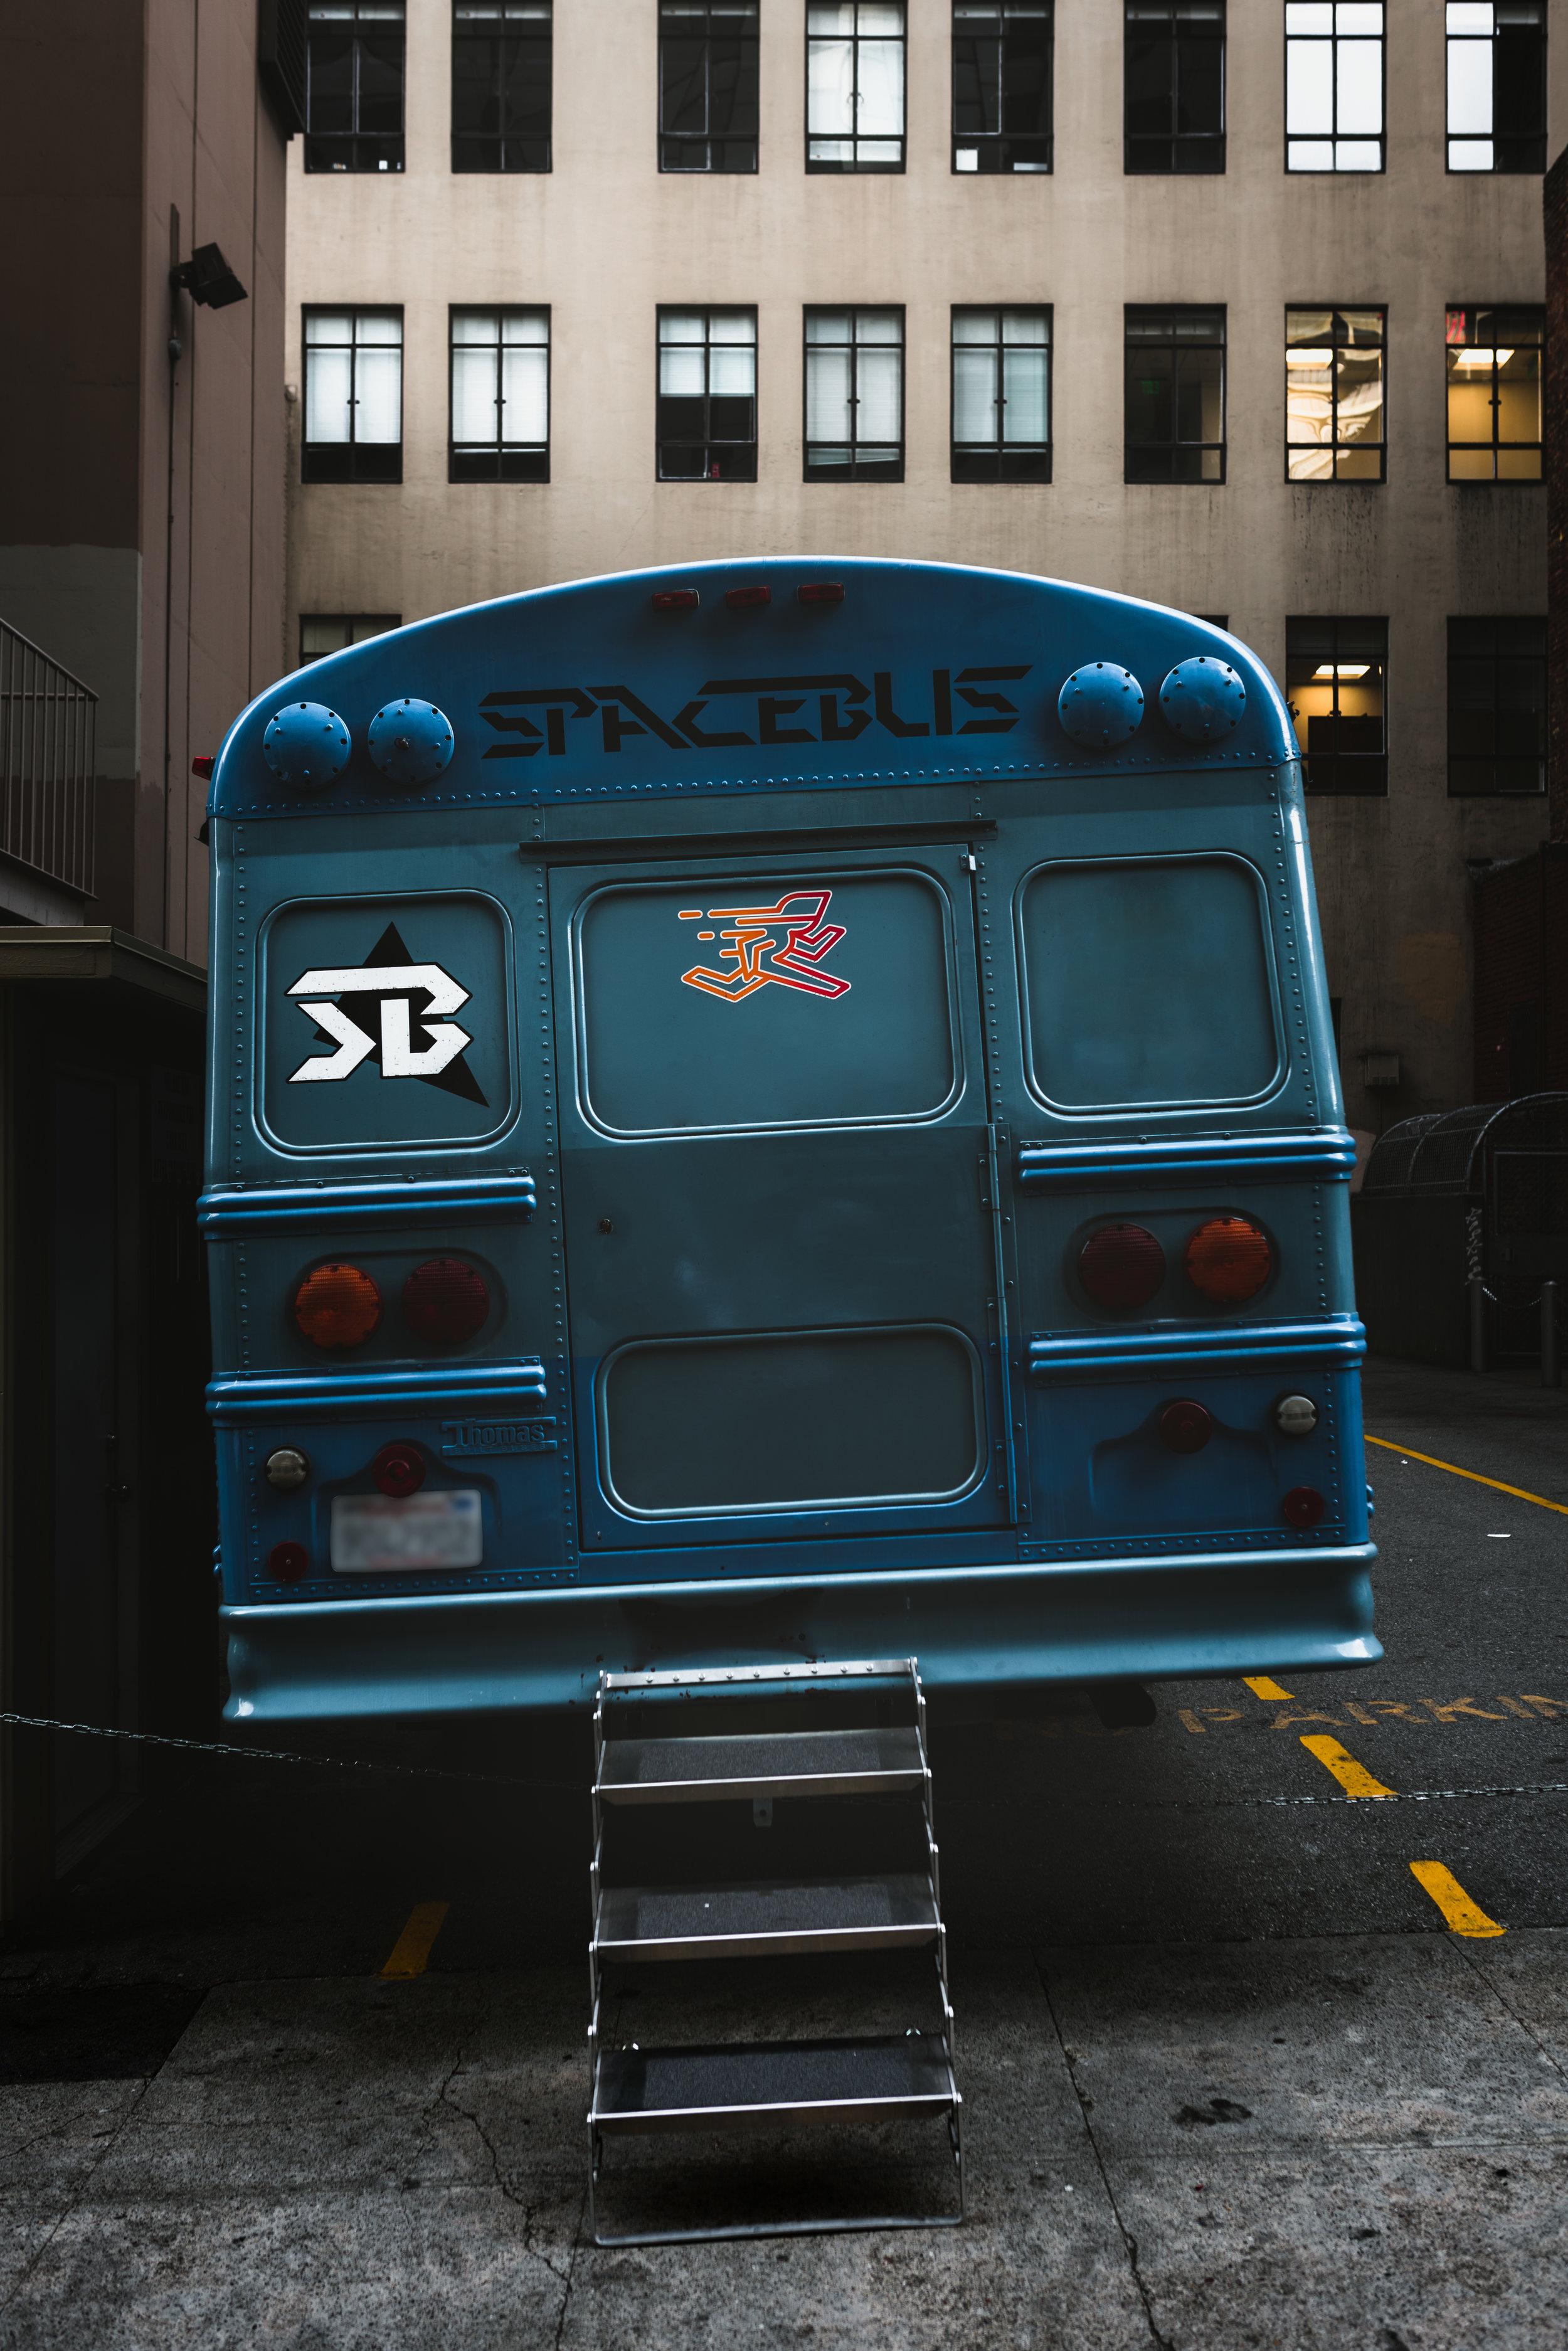 SF Space Busfix.jpg